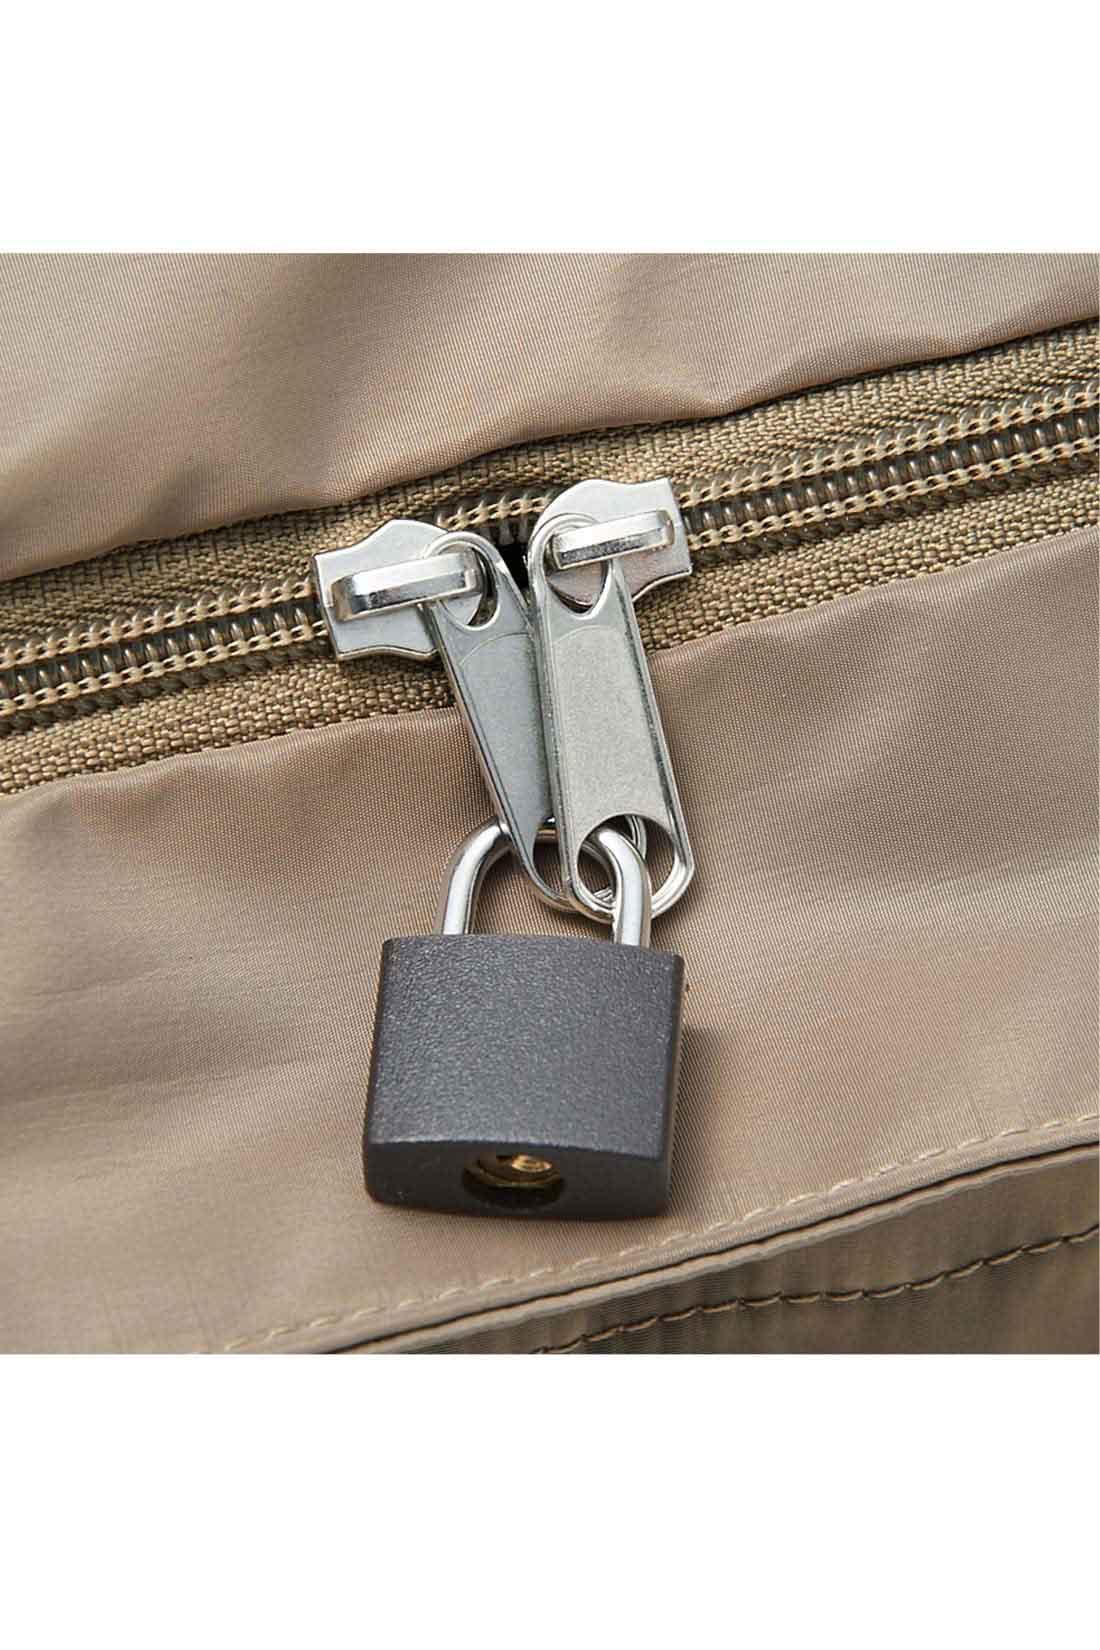 お手持ちの南京錠をつけられます。 ※お届けするカラーとは異なります。